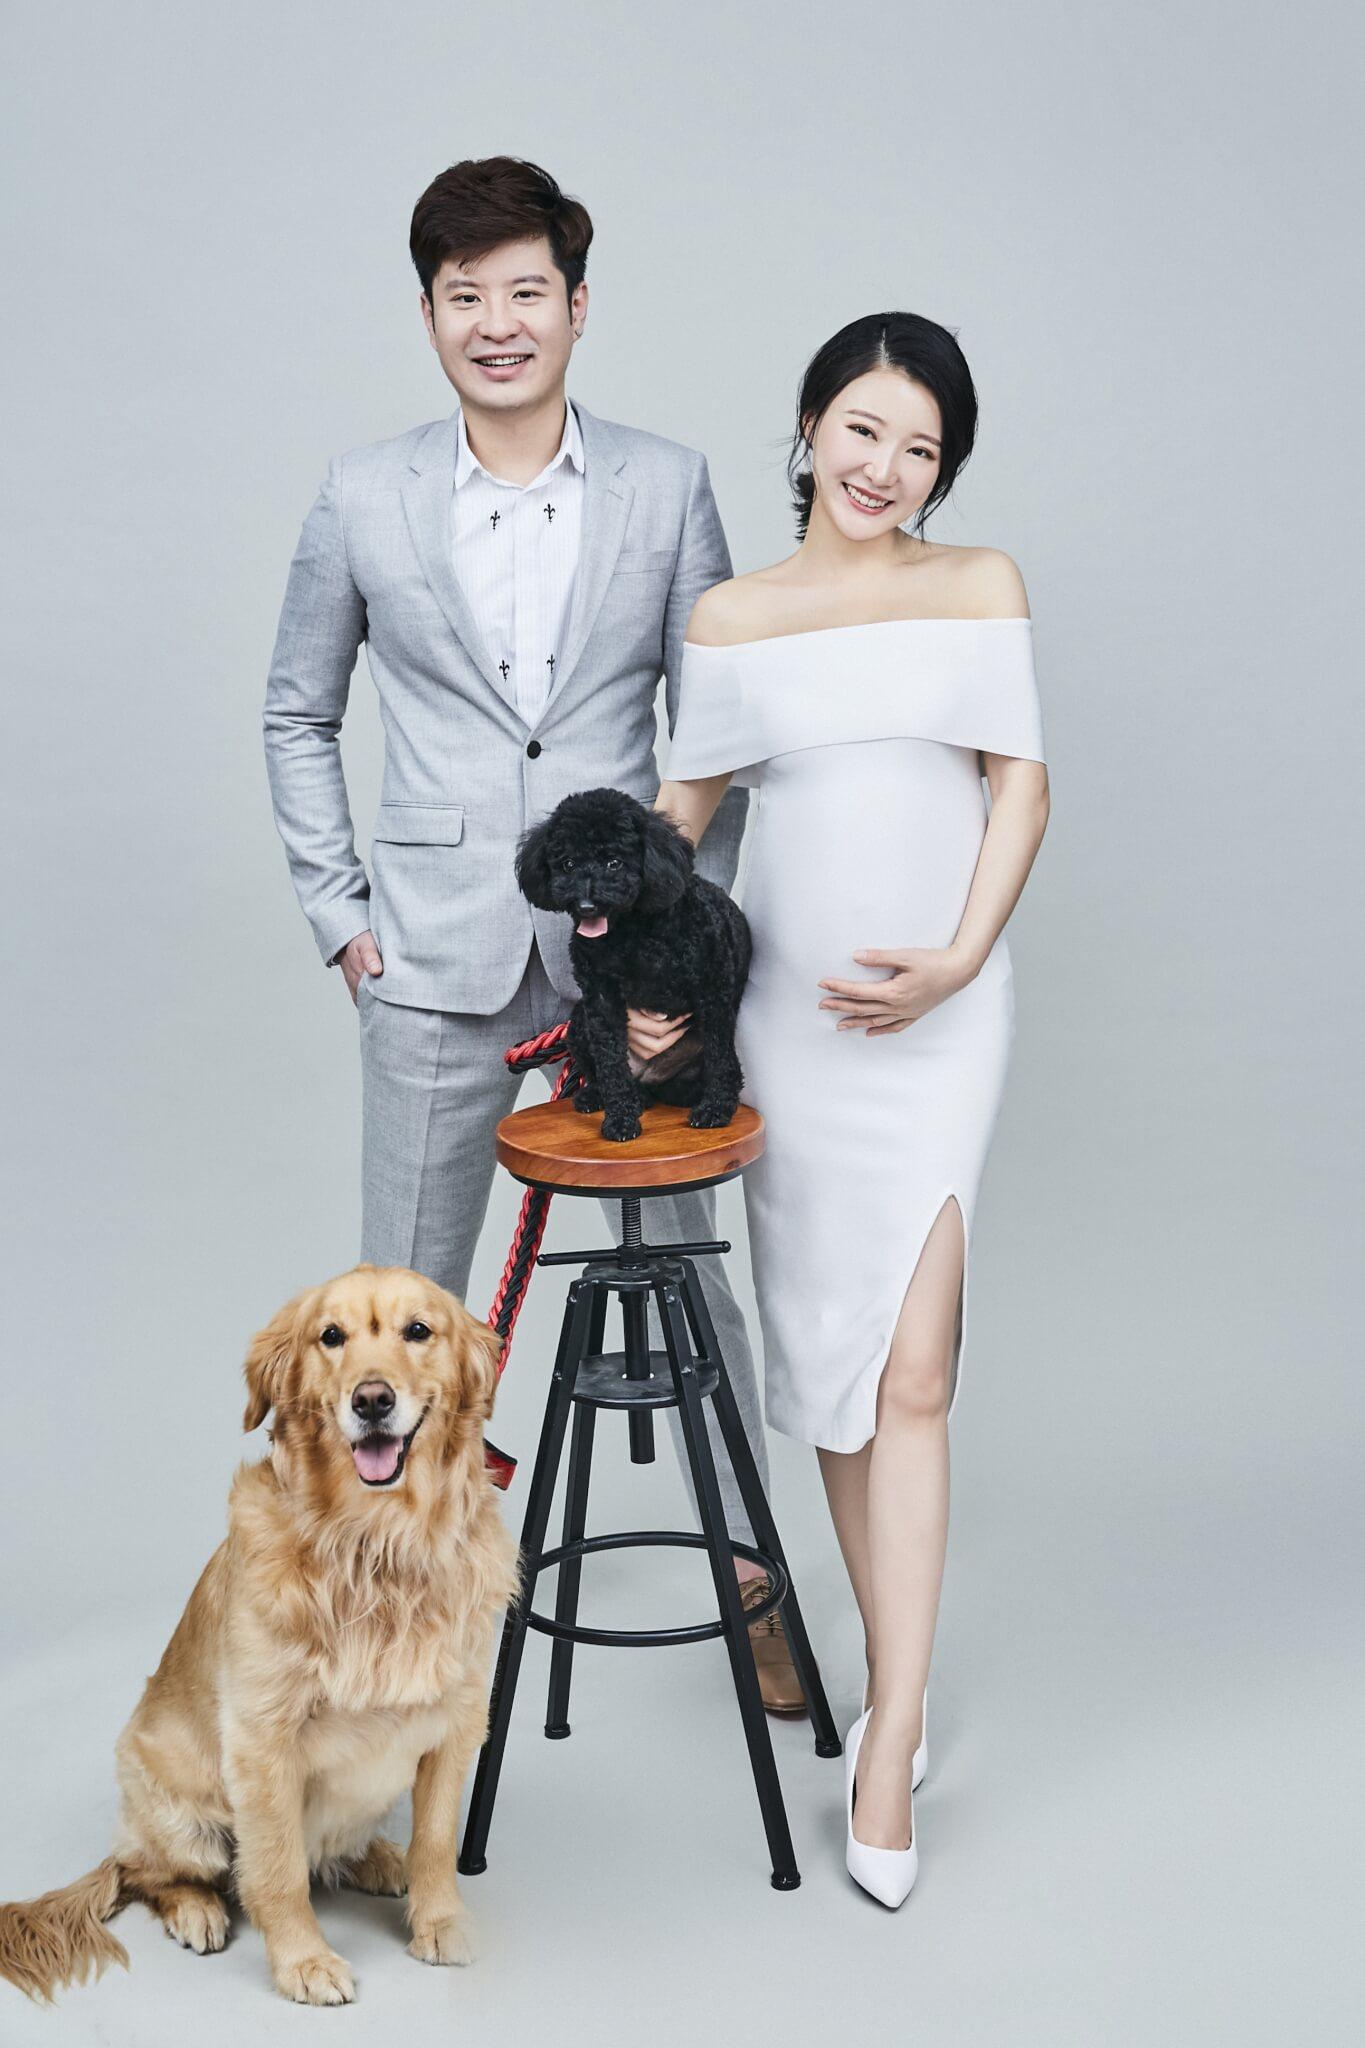 生B前和丈夫拍攝全家福,兩隻愛狗加肚內BB,馬賽說一家五口齊全了。